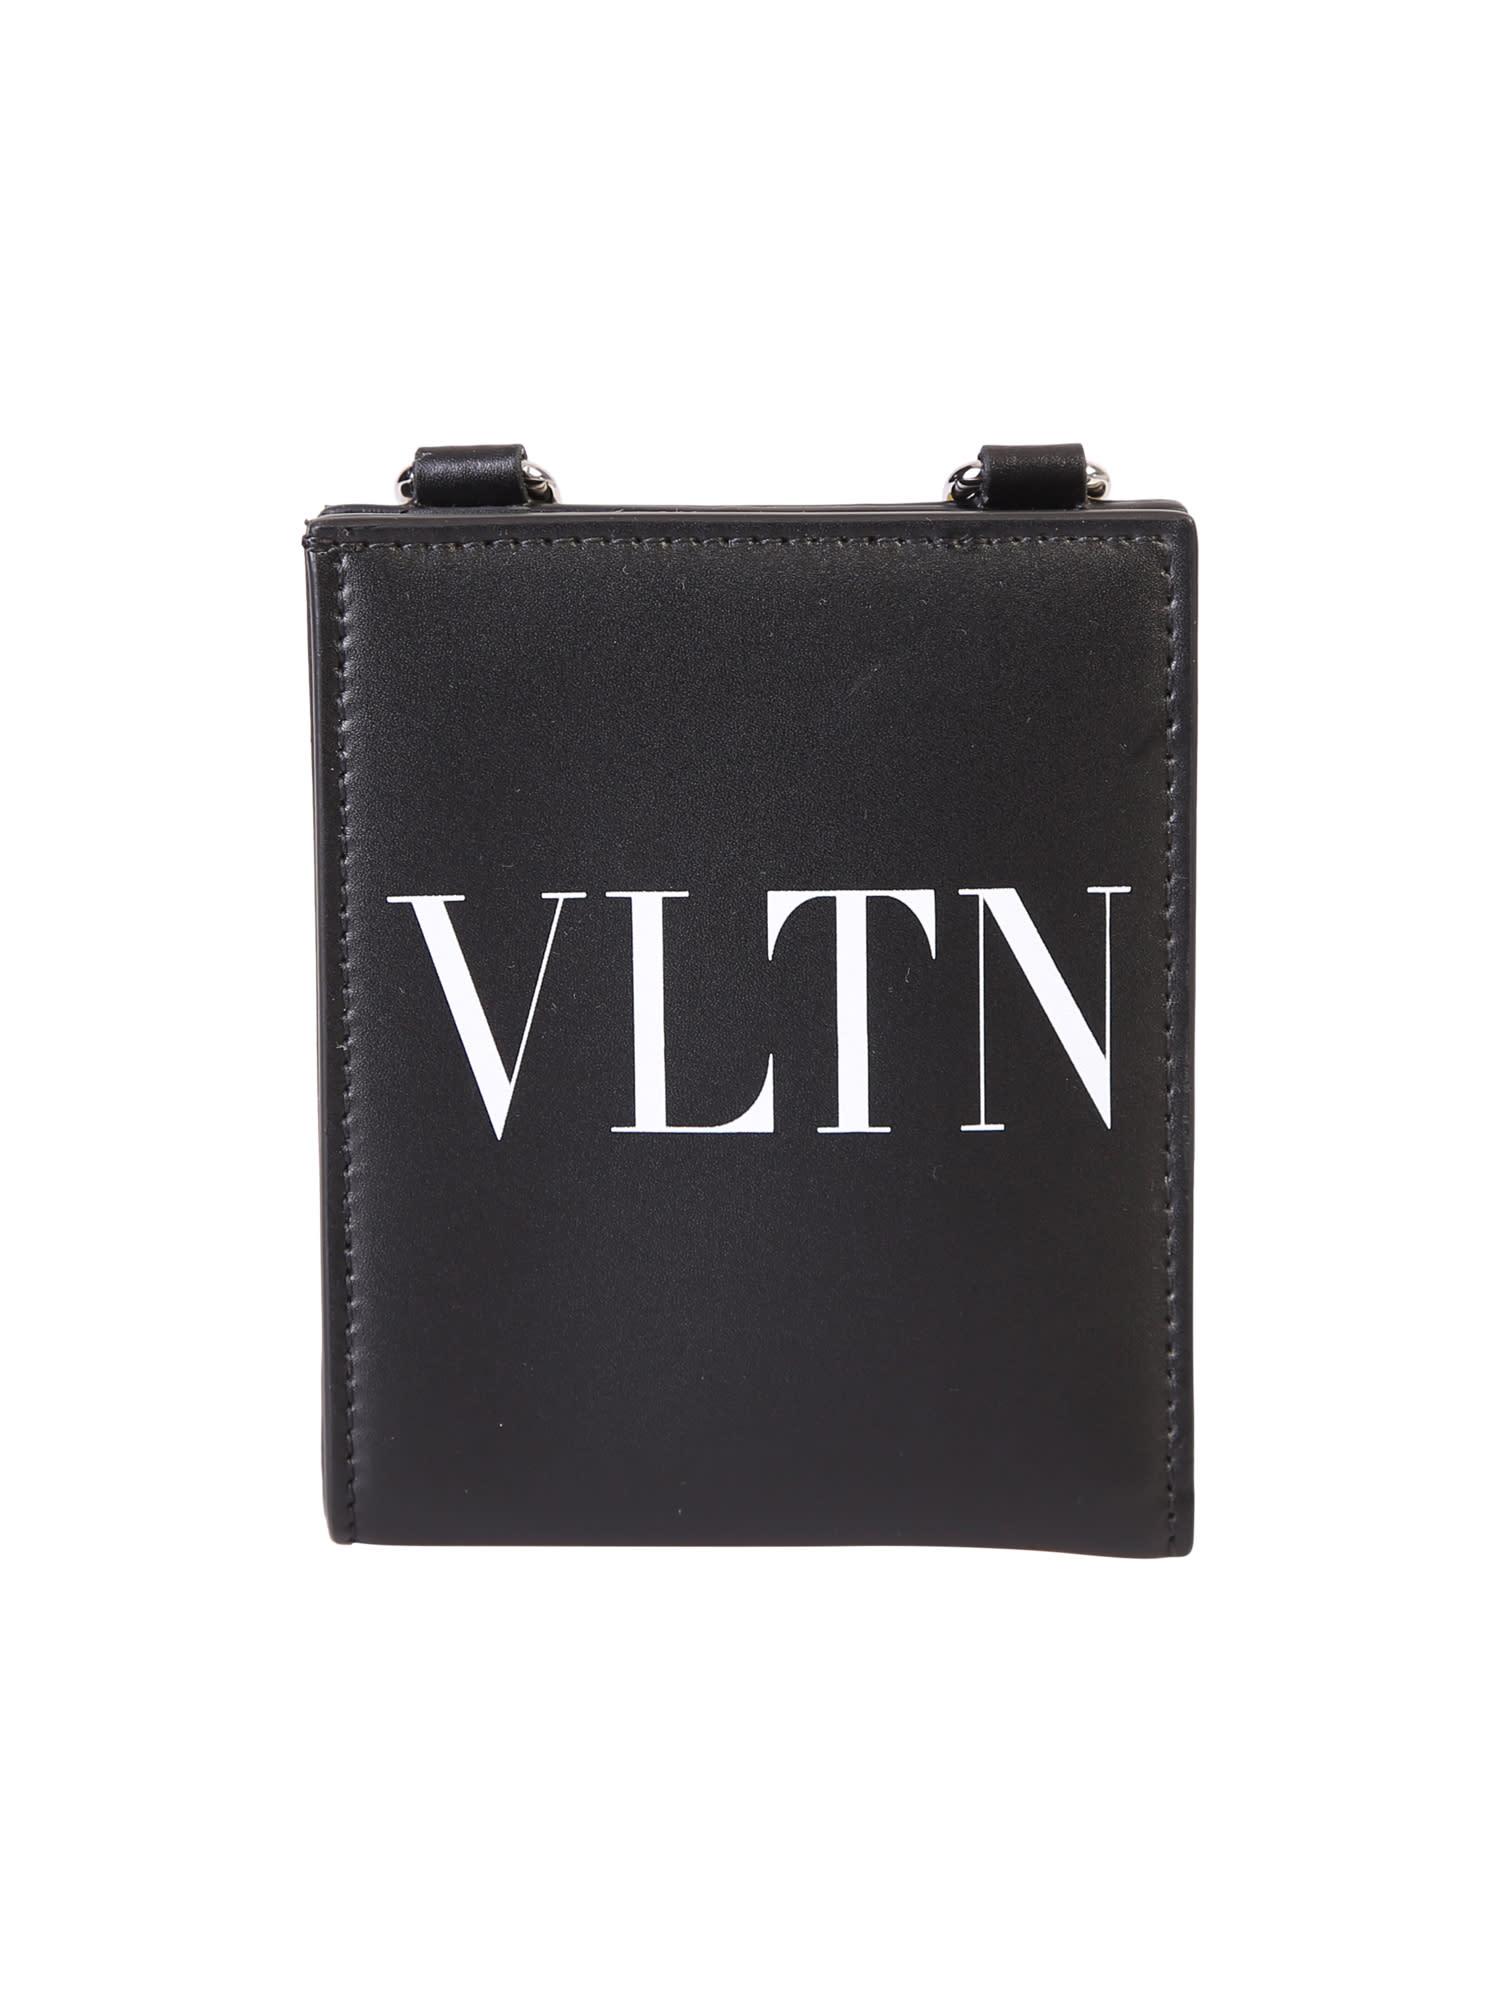 Valentino Garavani Branded Bag